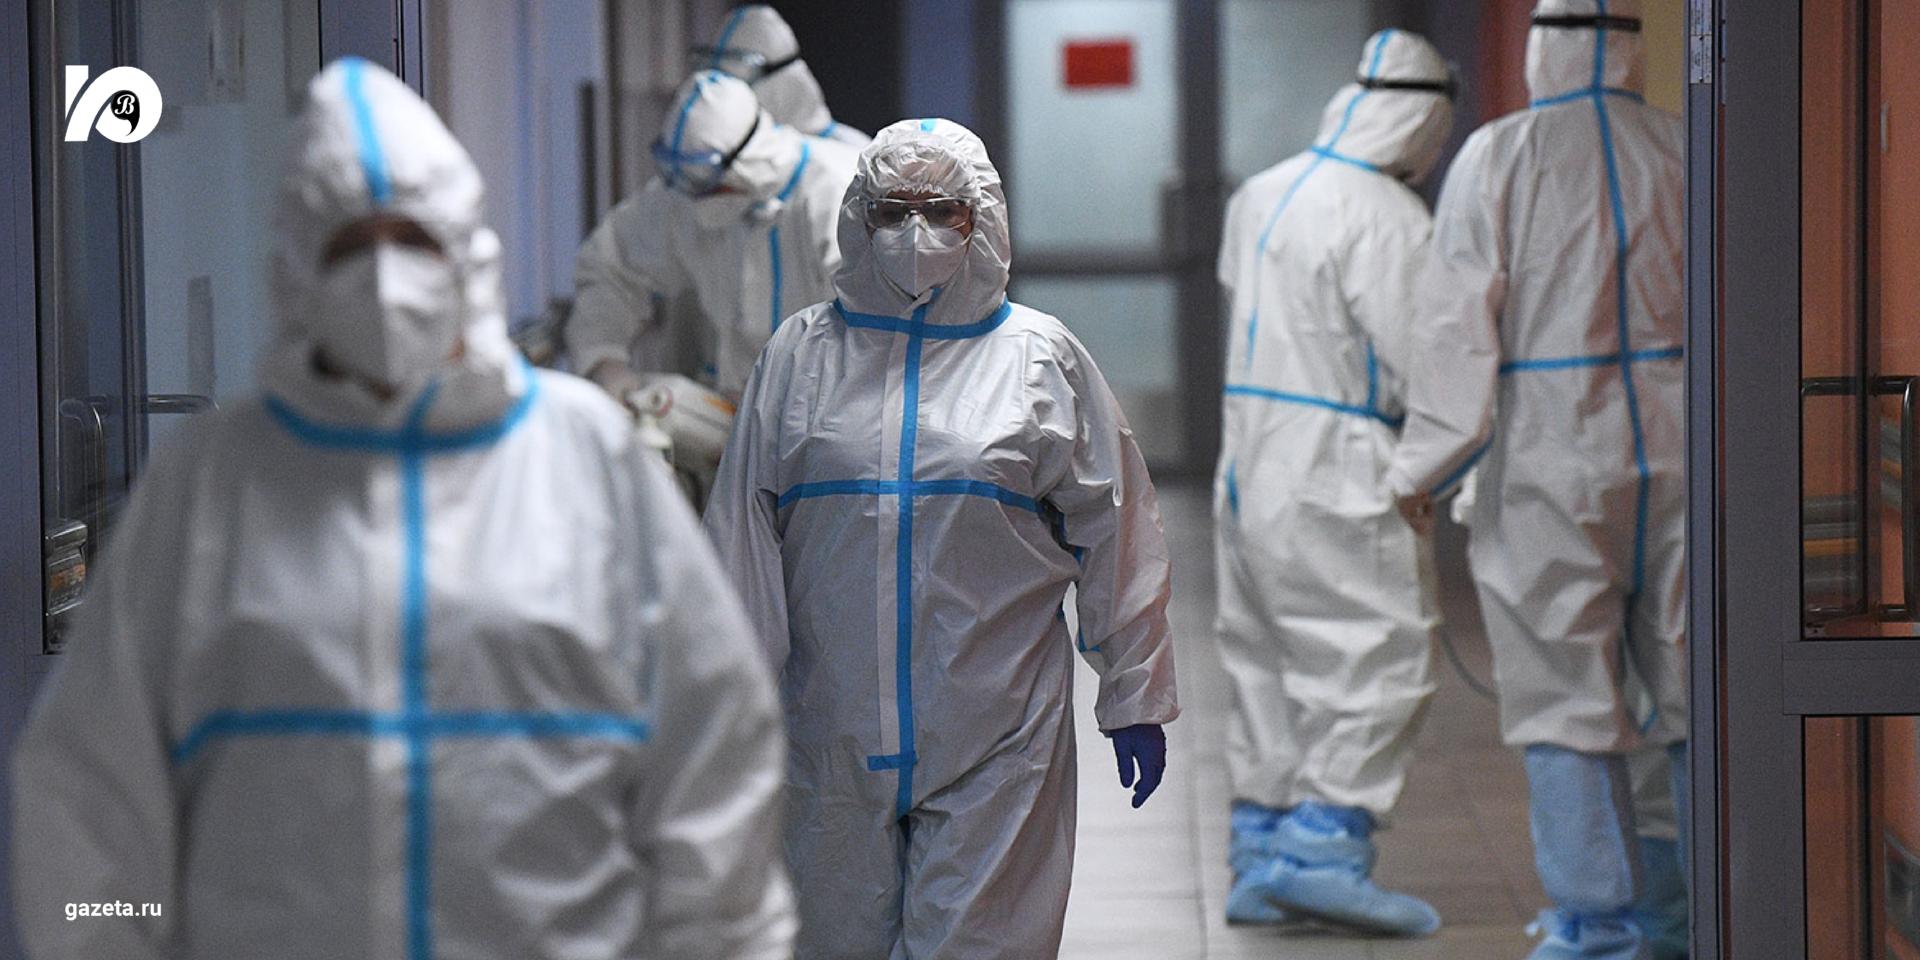 По данным Роспотребнадзора, именно настолько выросла заболеваемость коронавирусом в Югорске за последние 4 недели.